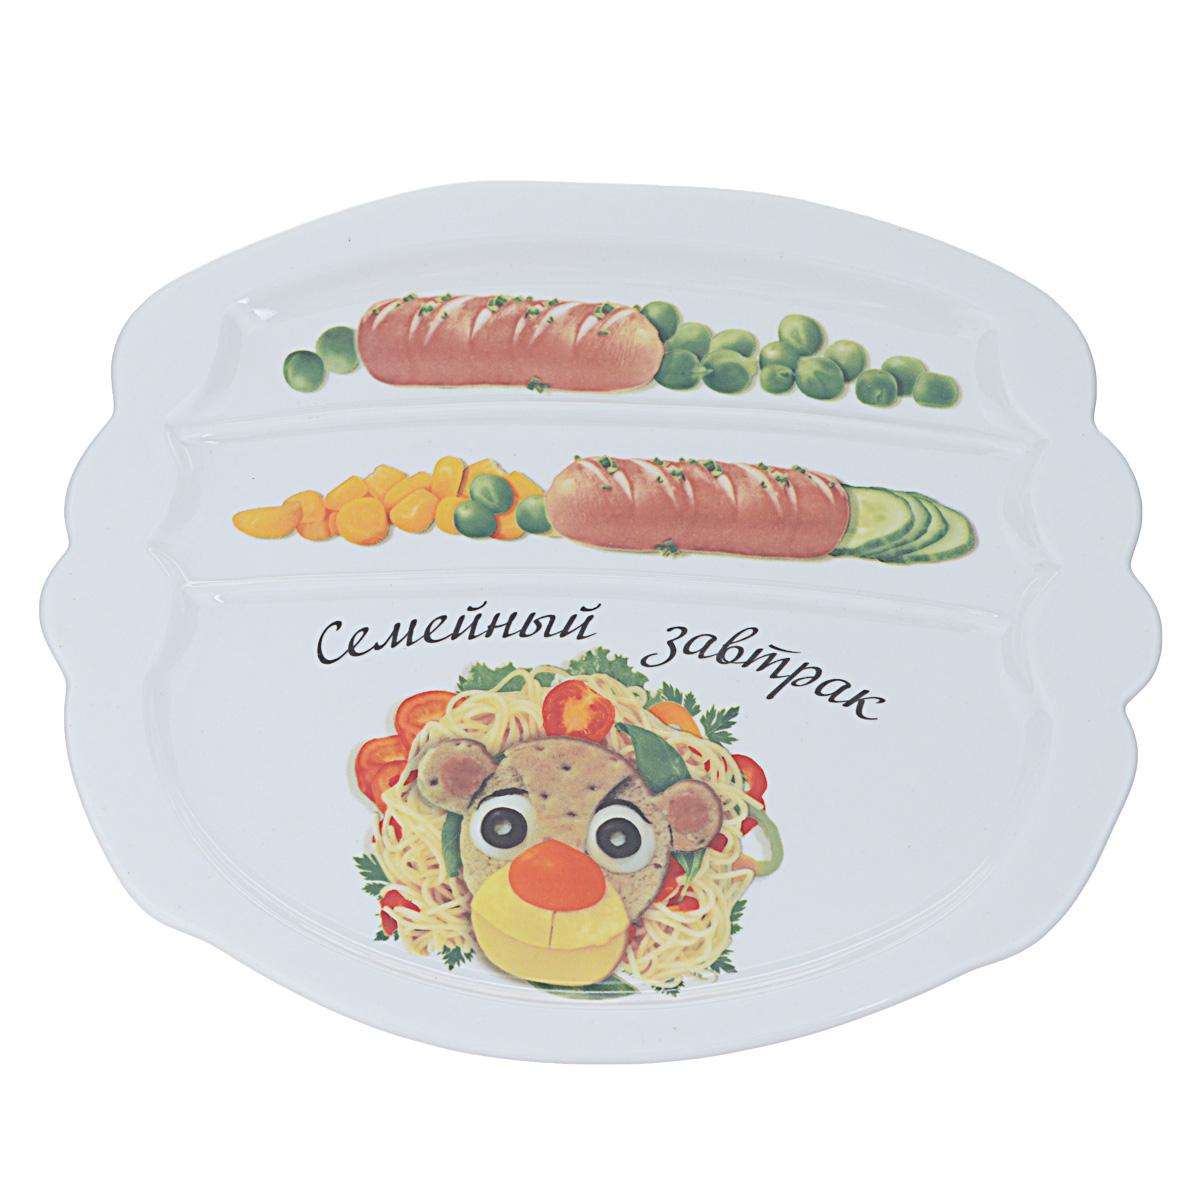 Тарелка для завтрака LarangE Семейный завтрак у льва, 22,5 см х 19 см589-313Тарелка для завтрака LarangE Семейный завтрак у льва изготовлена из высококачественной керамики. Изделие украшено изображением льва из еды. Тарелка имеет три отделения: 2 маленьких отделения для сосисок и одно большое отделение для яичницы или другого блюда. Можно использовать в СВЧ печах, духовом шкафу и холодильнике. Не применять абразивные чистящие вещества. Размер тарелки: 22,5 см х 19,5 см х 1 см.